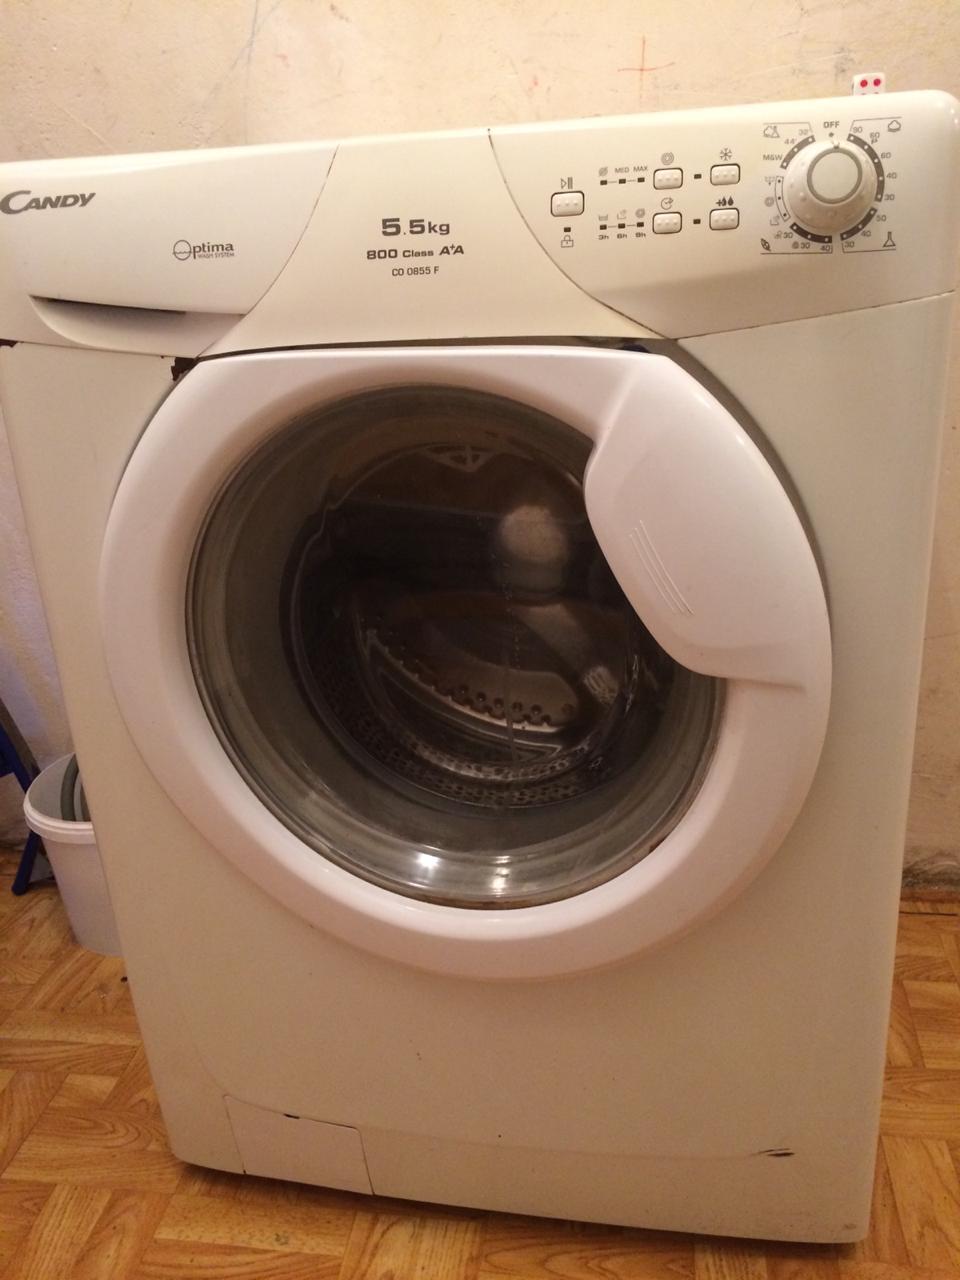 Бу стиральная машина стерлитамак Уфа мелеуз ишимбай